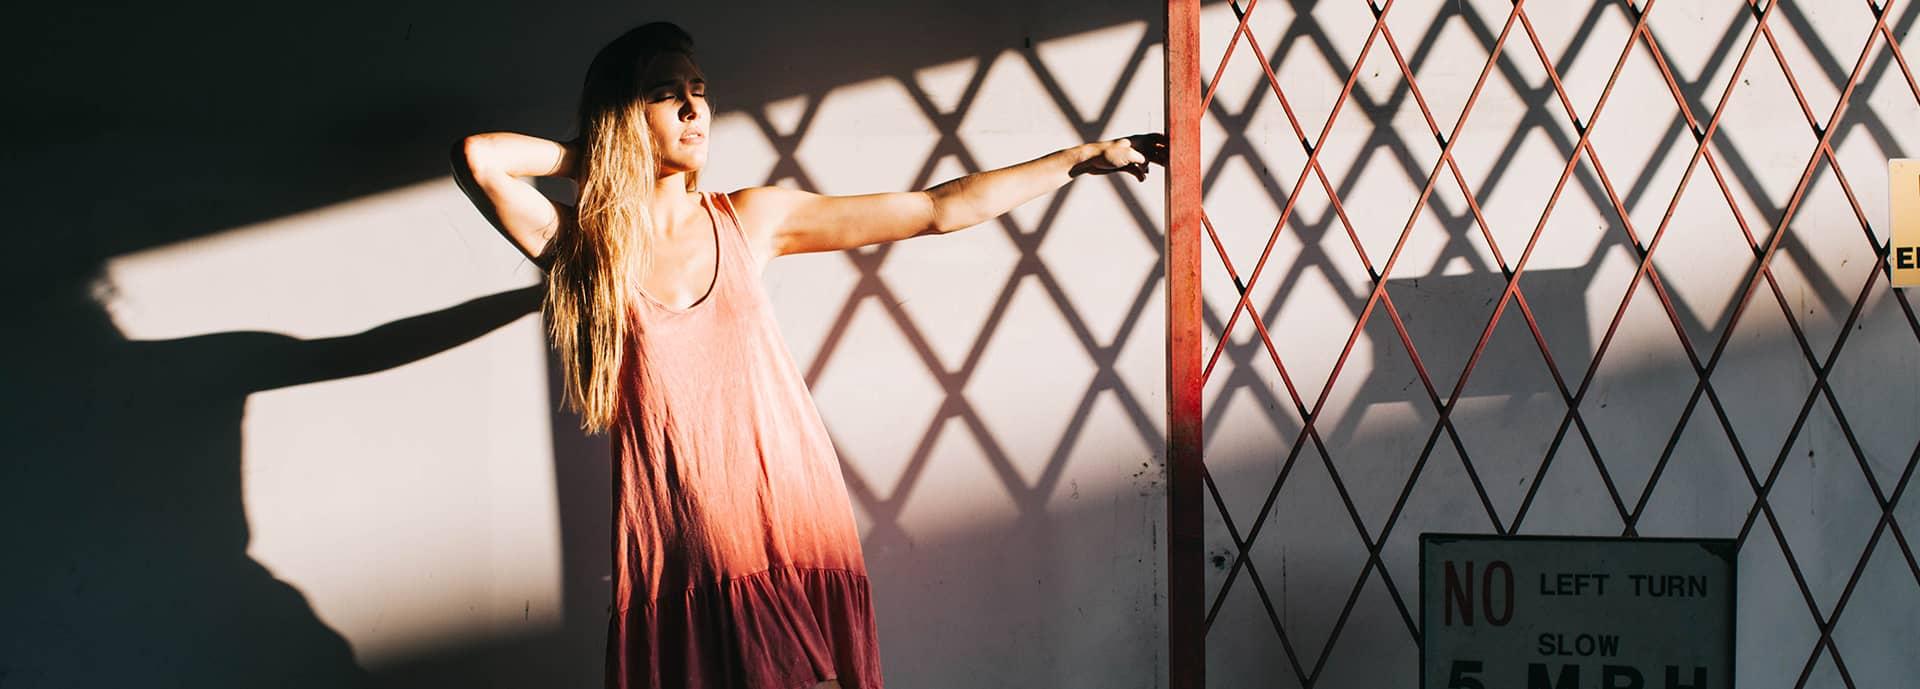 Tony Loxton Photography